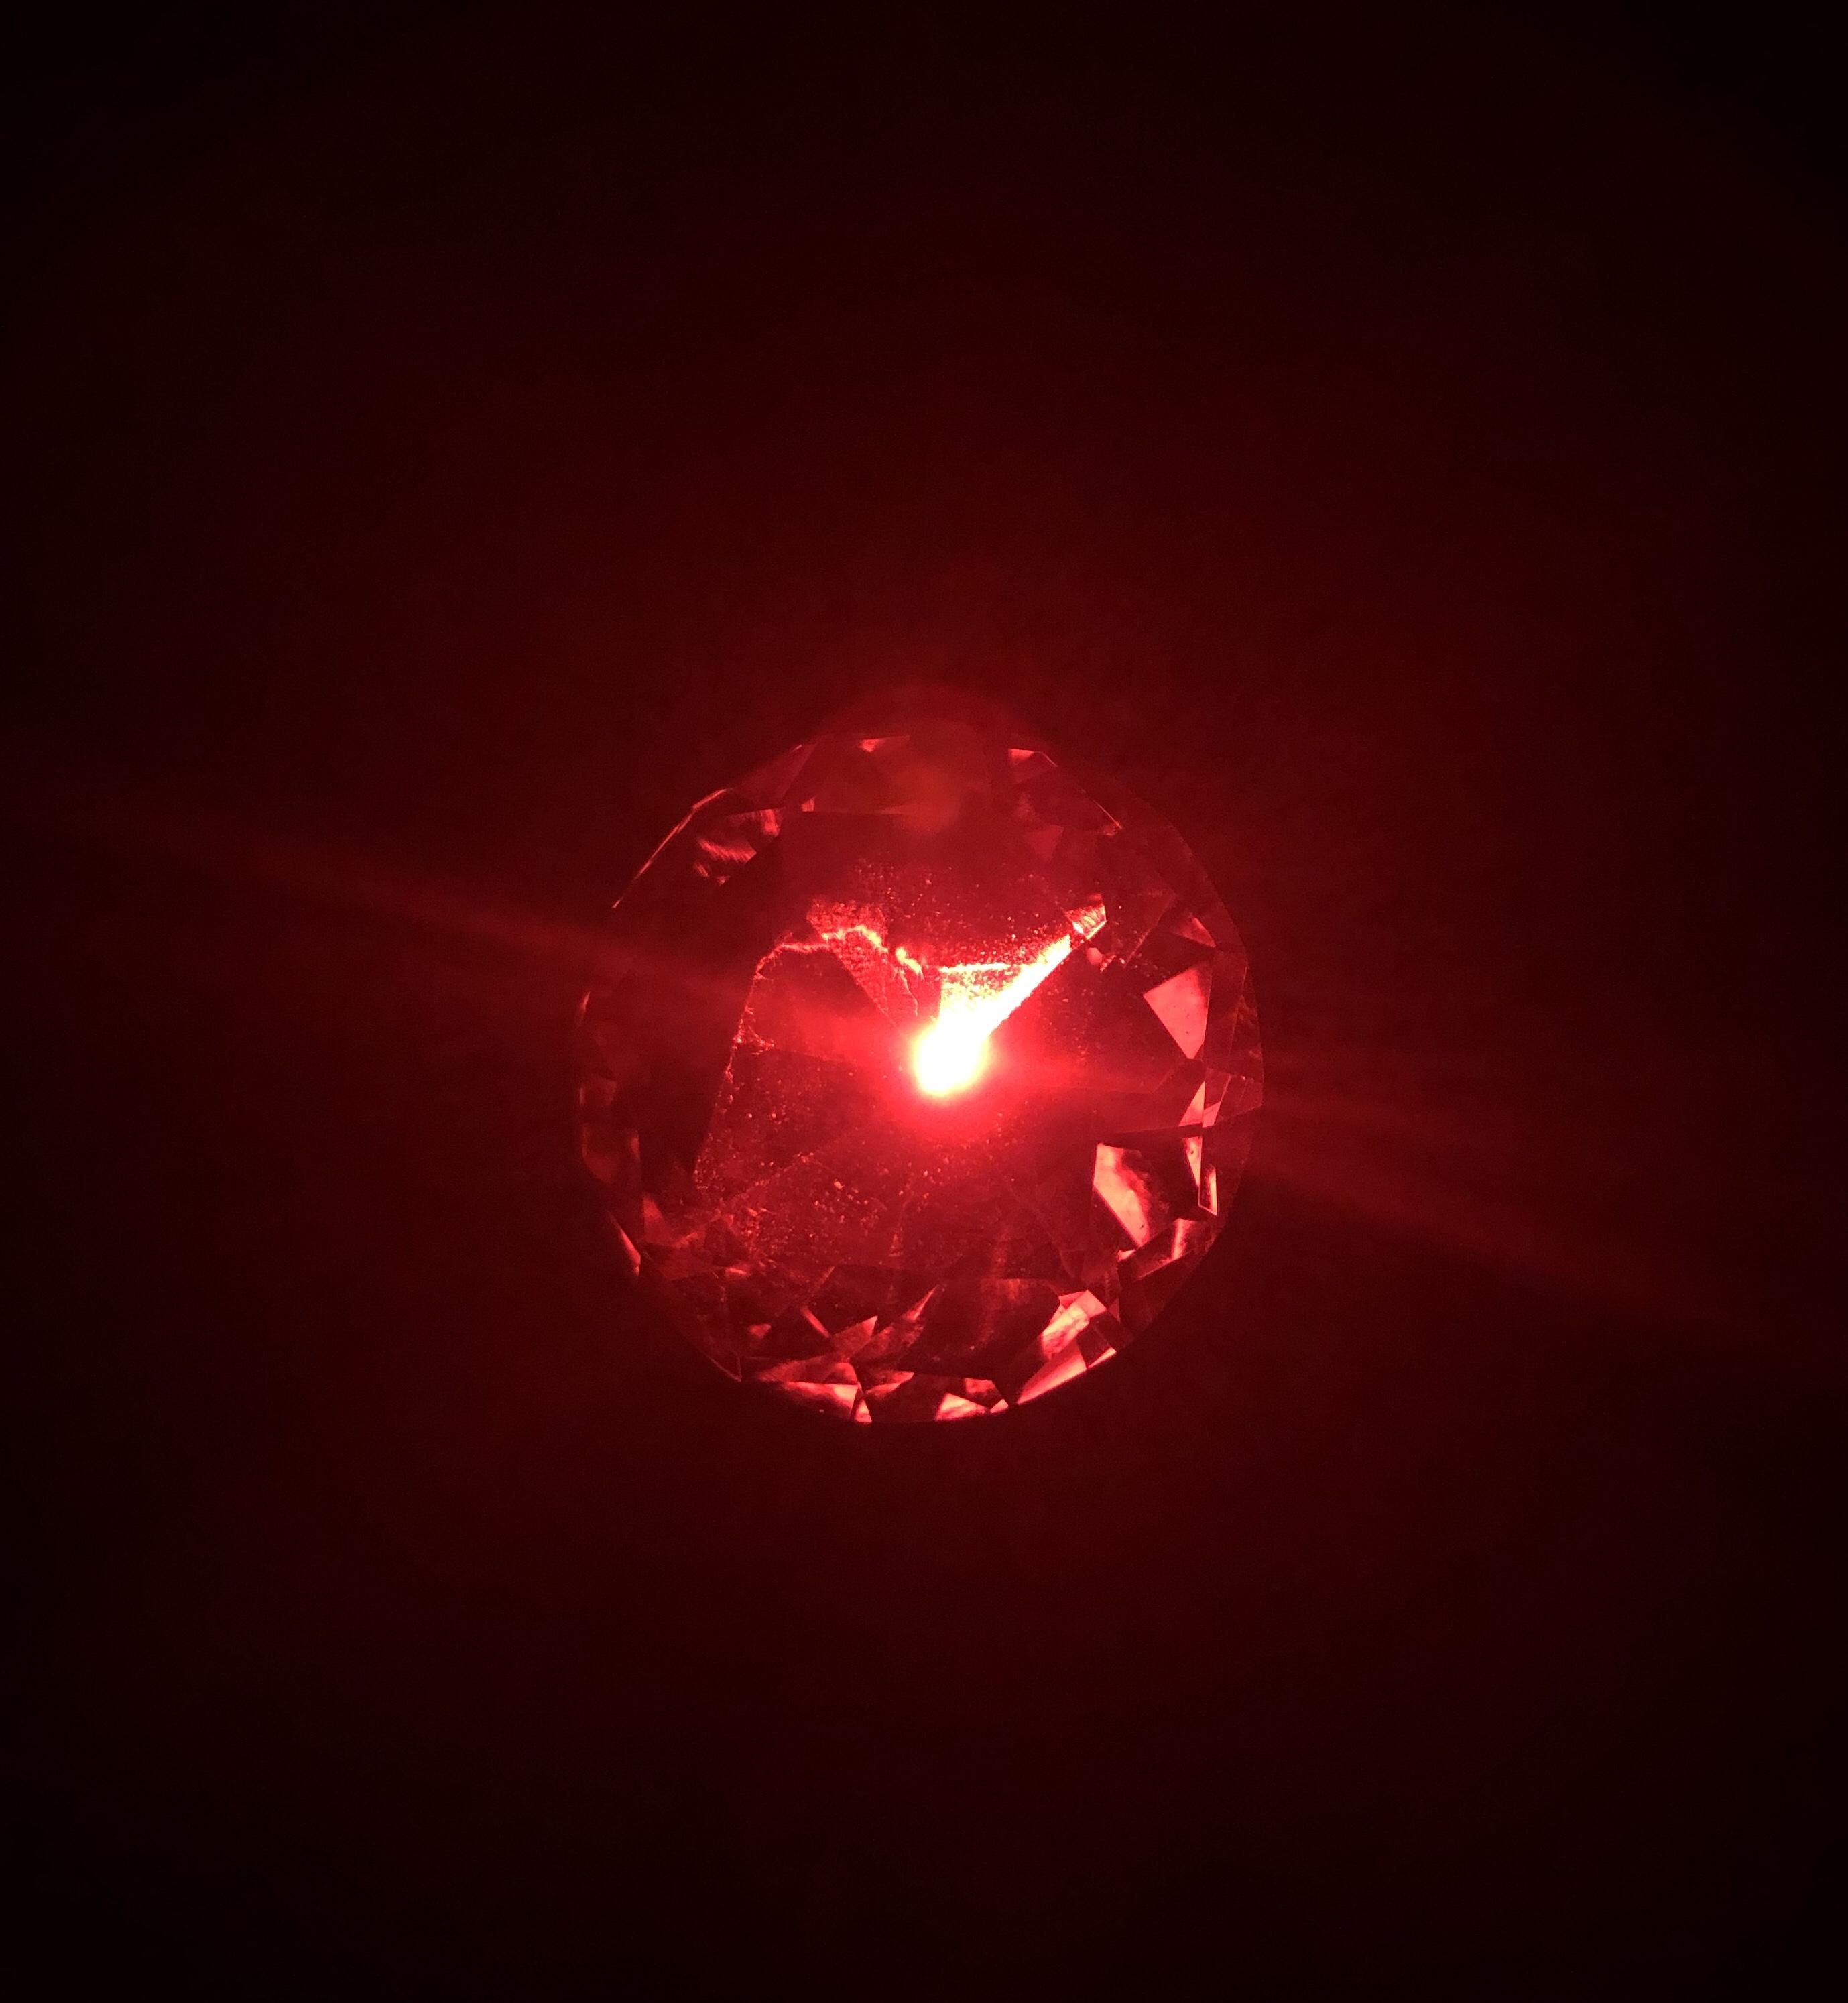 Rot strahlender Glasdiamant